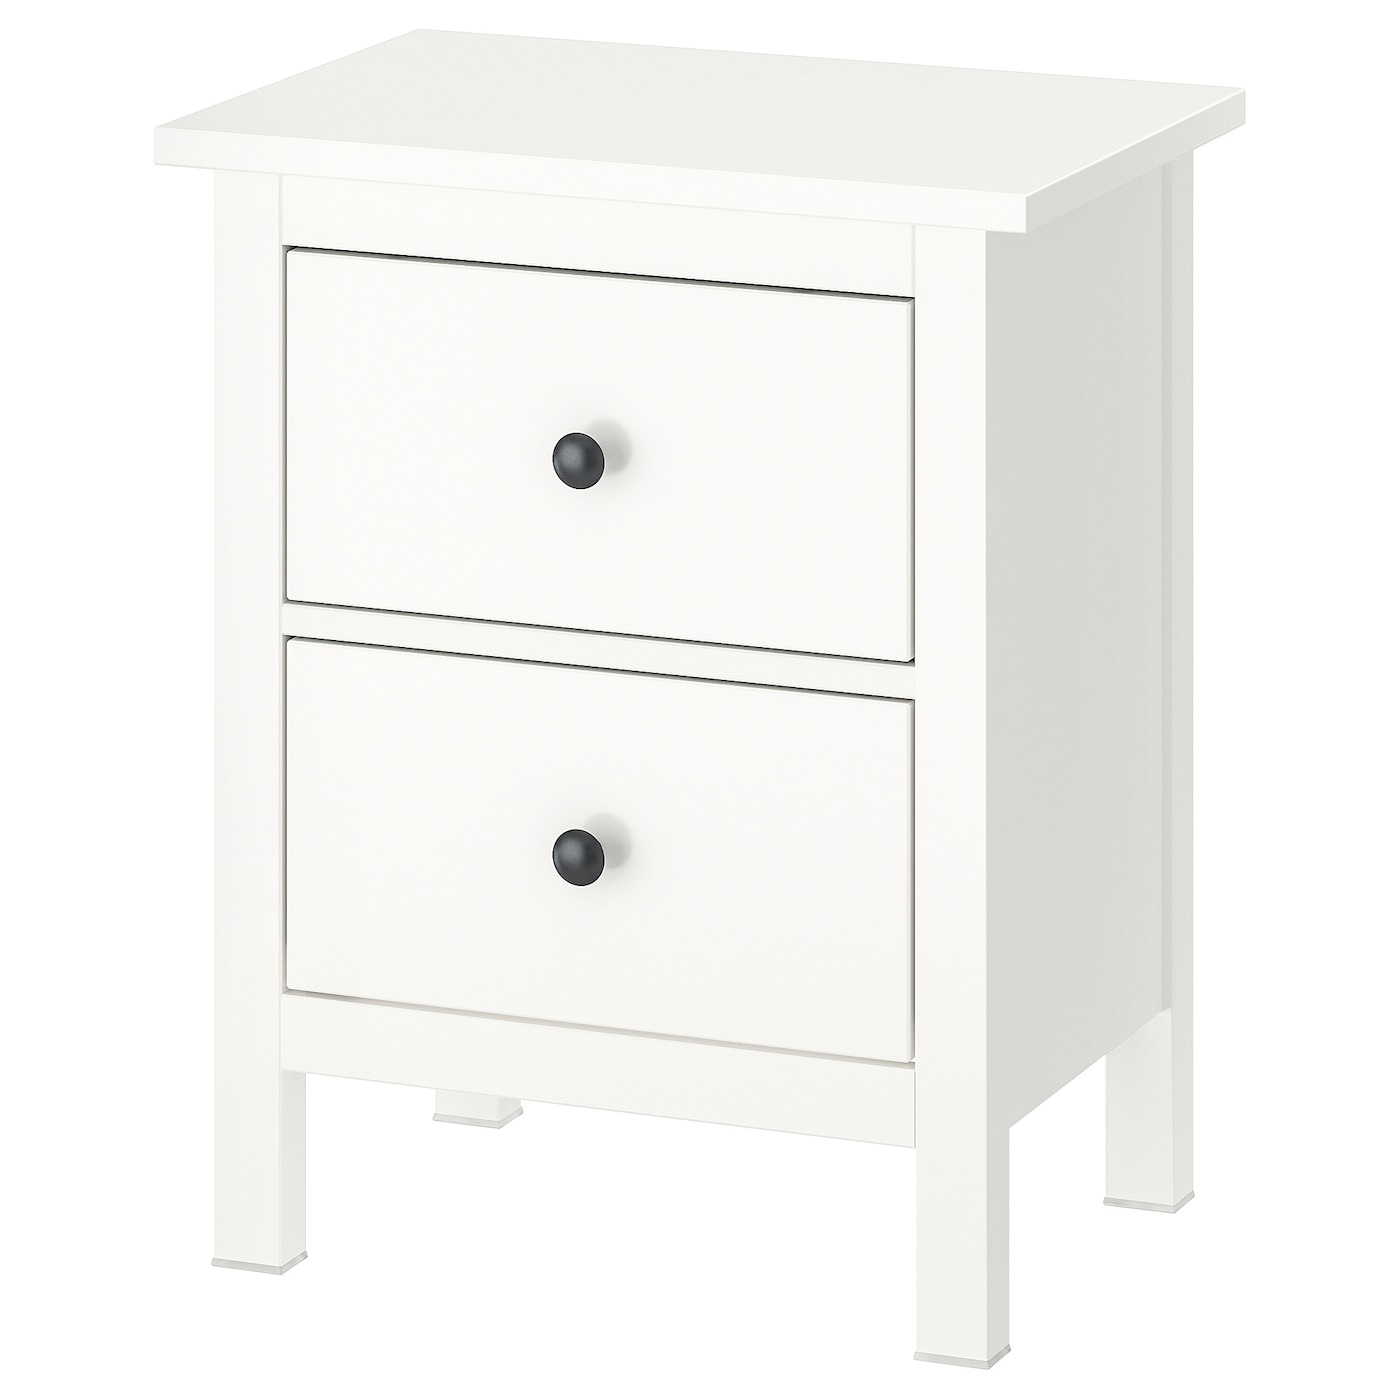 HEMNES Kommode mit 2 Schubladen - weiß 54x66 cm